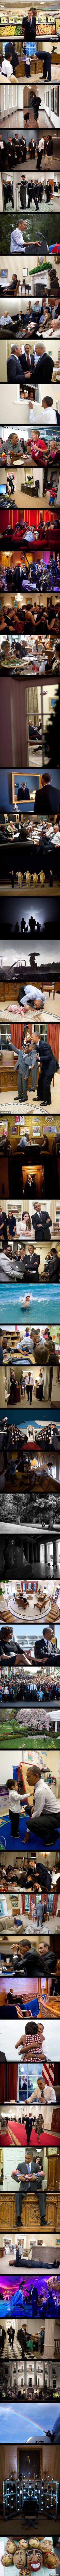 http://m.9gag.com/gag/ajqEV90?ref=fbp Official White House Photographer Pete Souza Reveals His Favourite Photos Of Obama